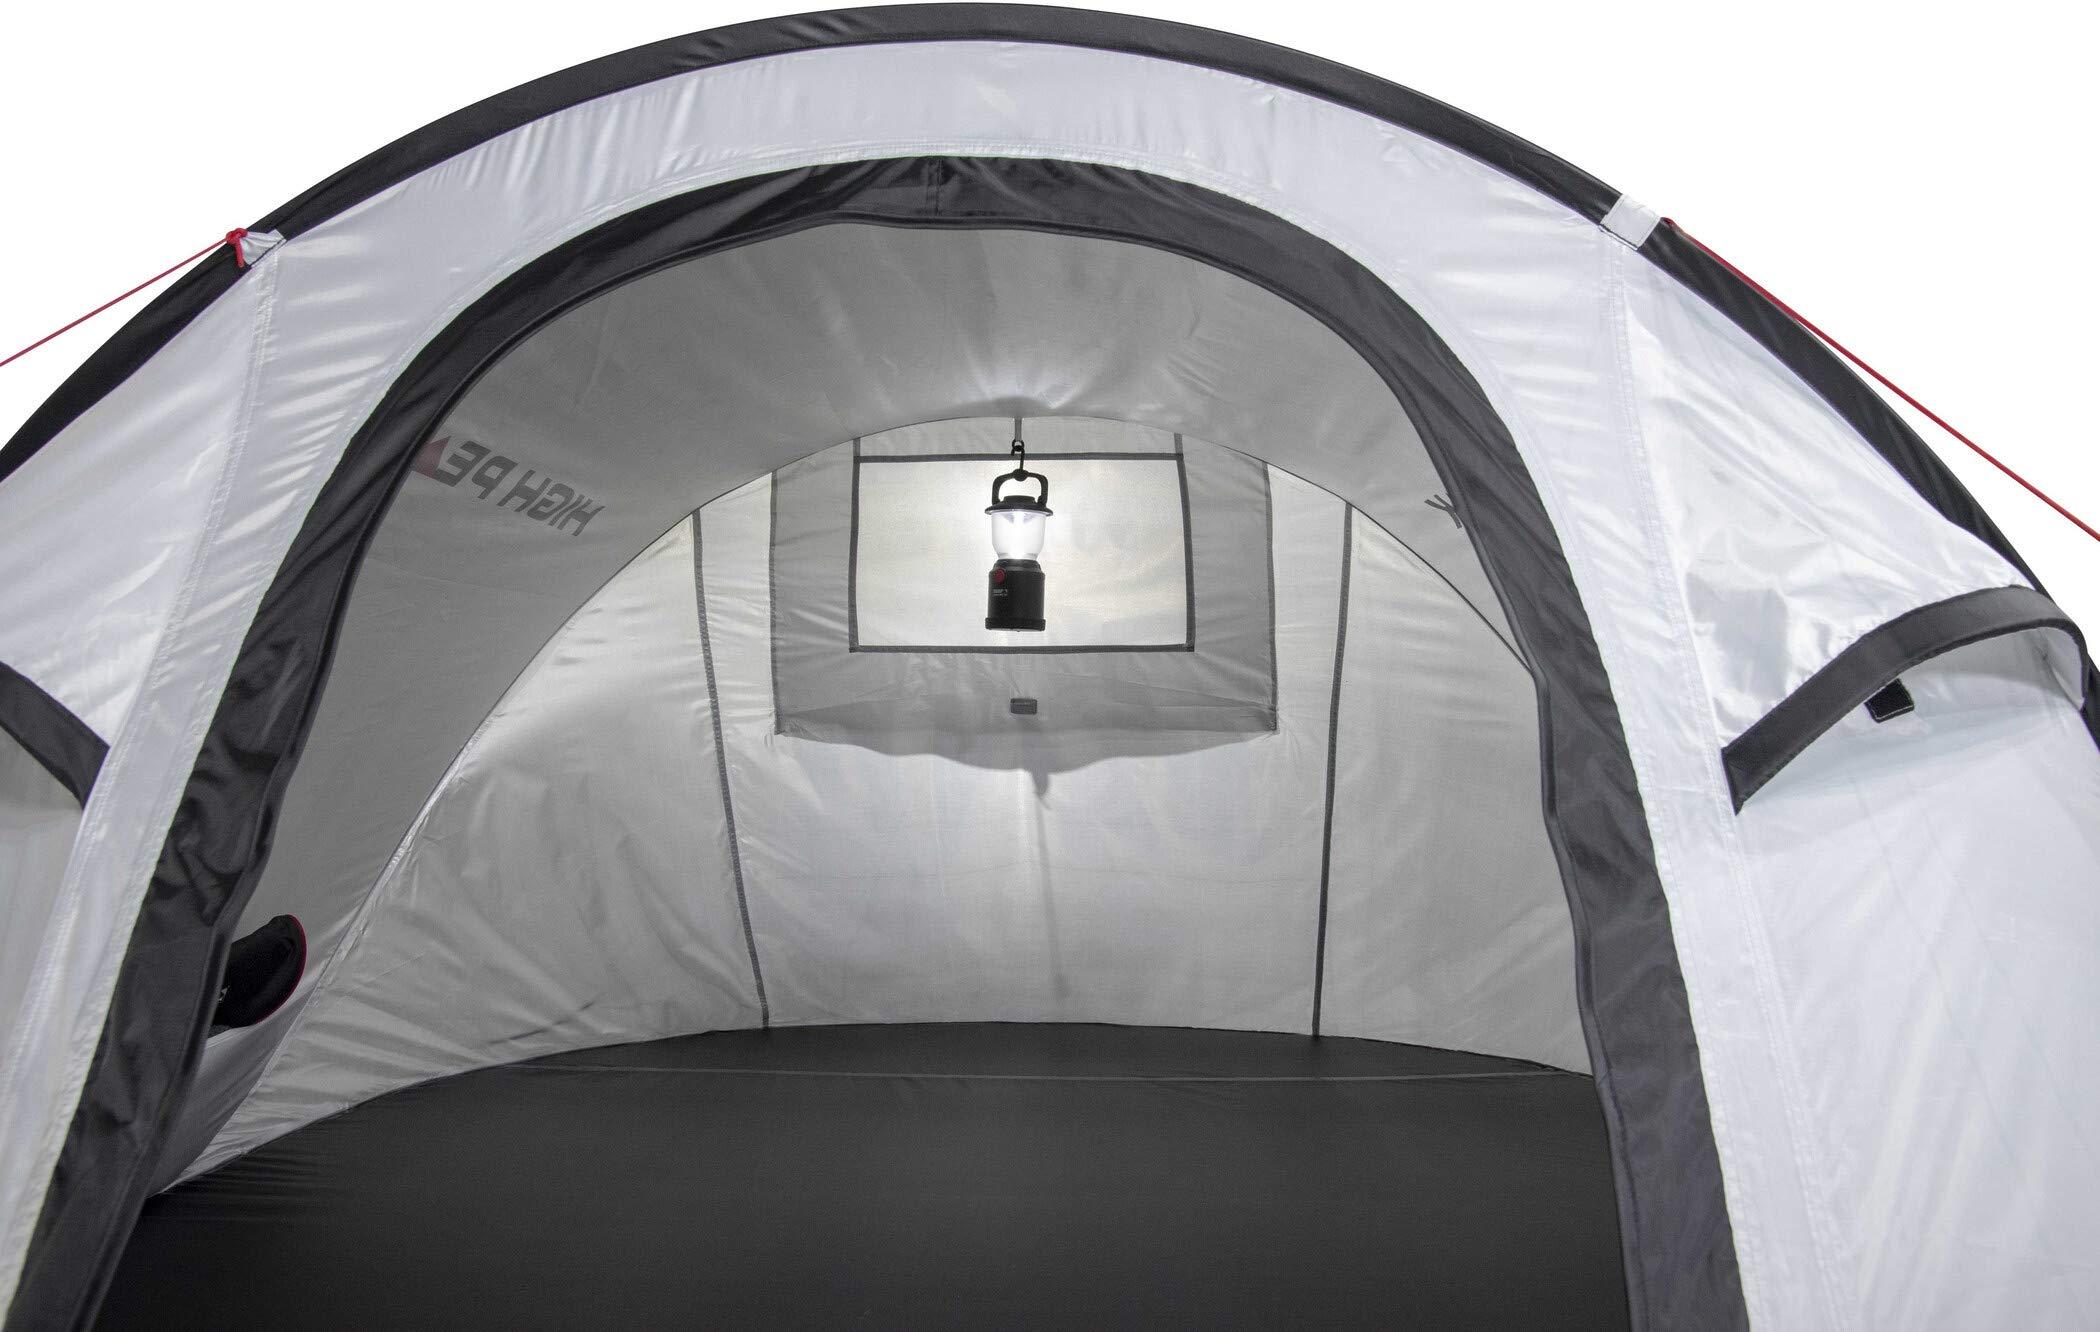 High Peak Wurfzelt Vision 2, Pop Up Zelt für 2 Personen